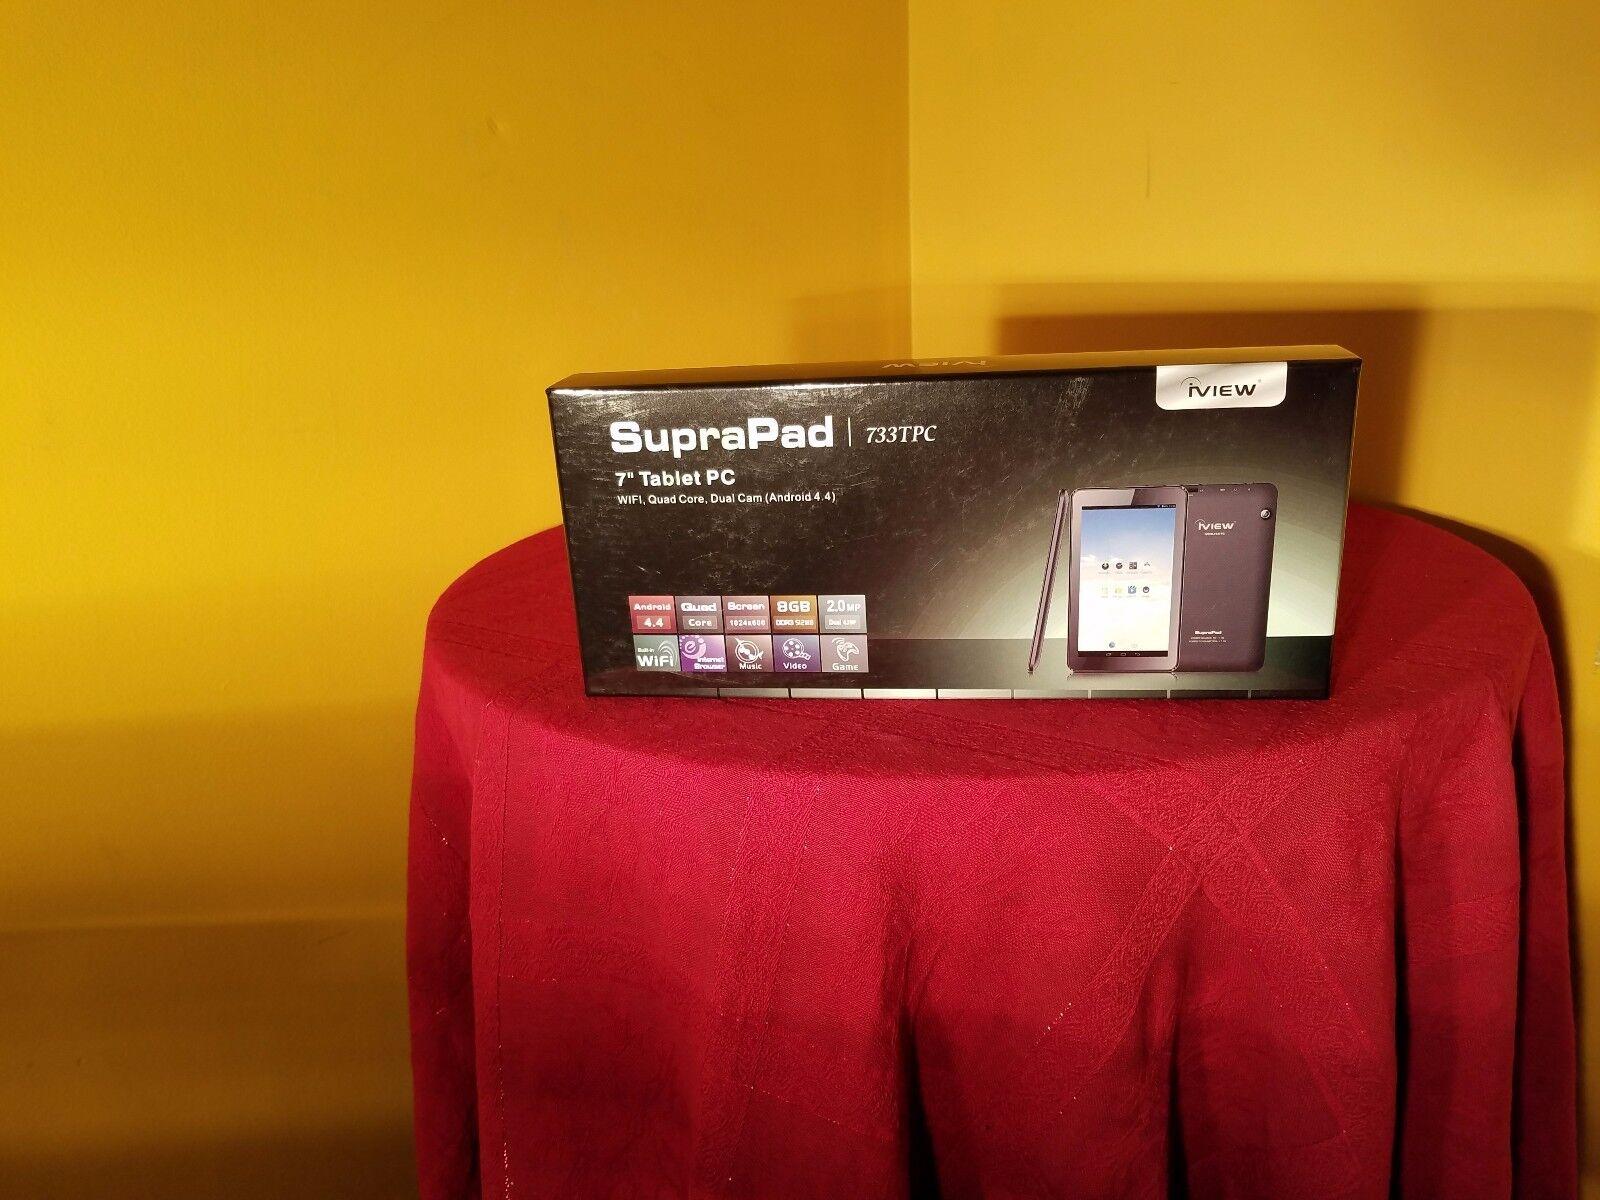 iView SupraPad 733tpc 8gb Black Tablet